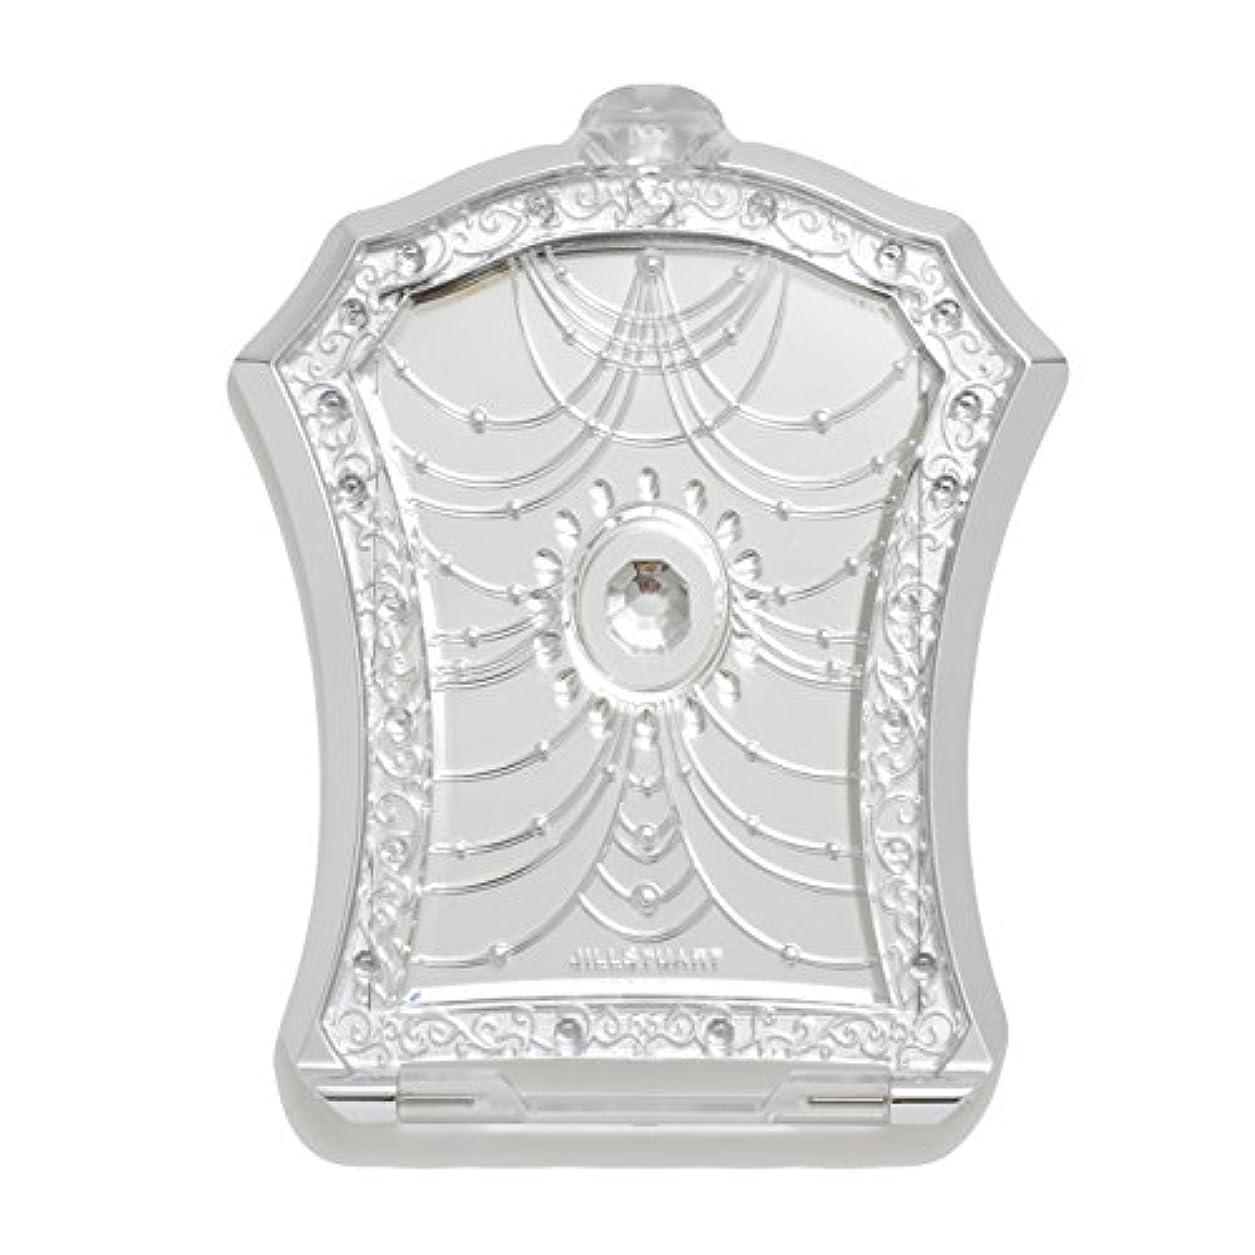 【名入れ対応可】ジルスチュアート JILL STUART ミラー 鏡 手鏡 Beauty Compact Mirror スクエア 四角 コンパクト ミラー 20743